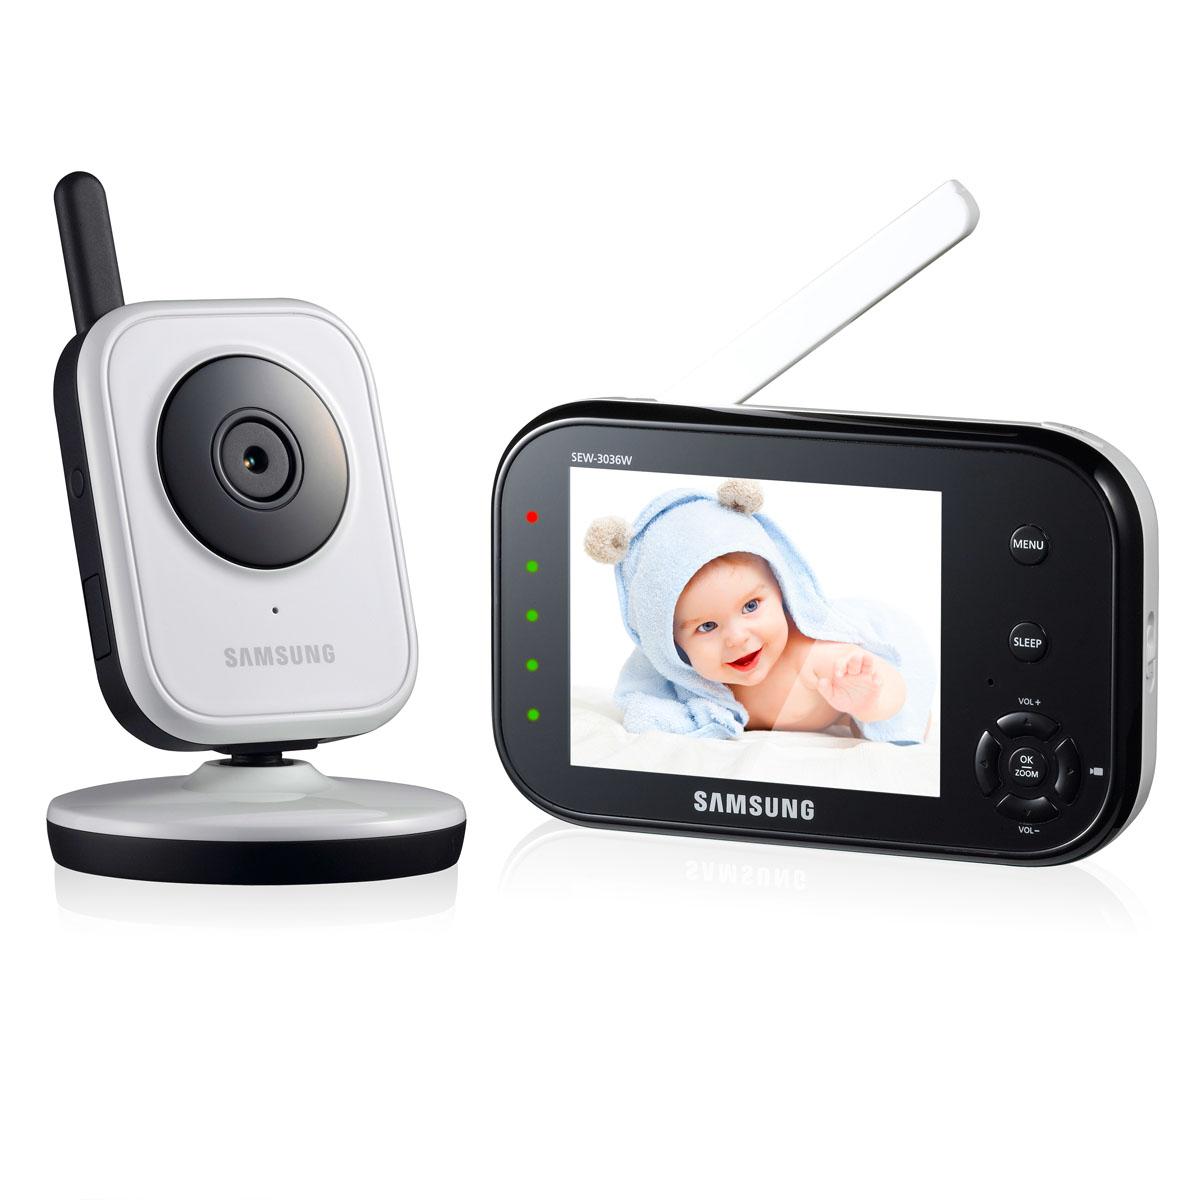 Samsung Видеоняня SEW-3036WSEW-3036WЦифровая, дальность до 250 м. Дисплей 9 см (3,5 дюймов). Двухсторонняя связь, ночное видение, VOX (активация при плаче), цифровой зум, система защиты от помех, индикатор громкости плача. Кнопка Sleep для отключения дисплея и сохранения энергии.